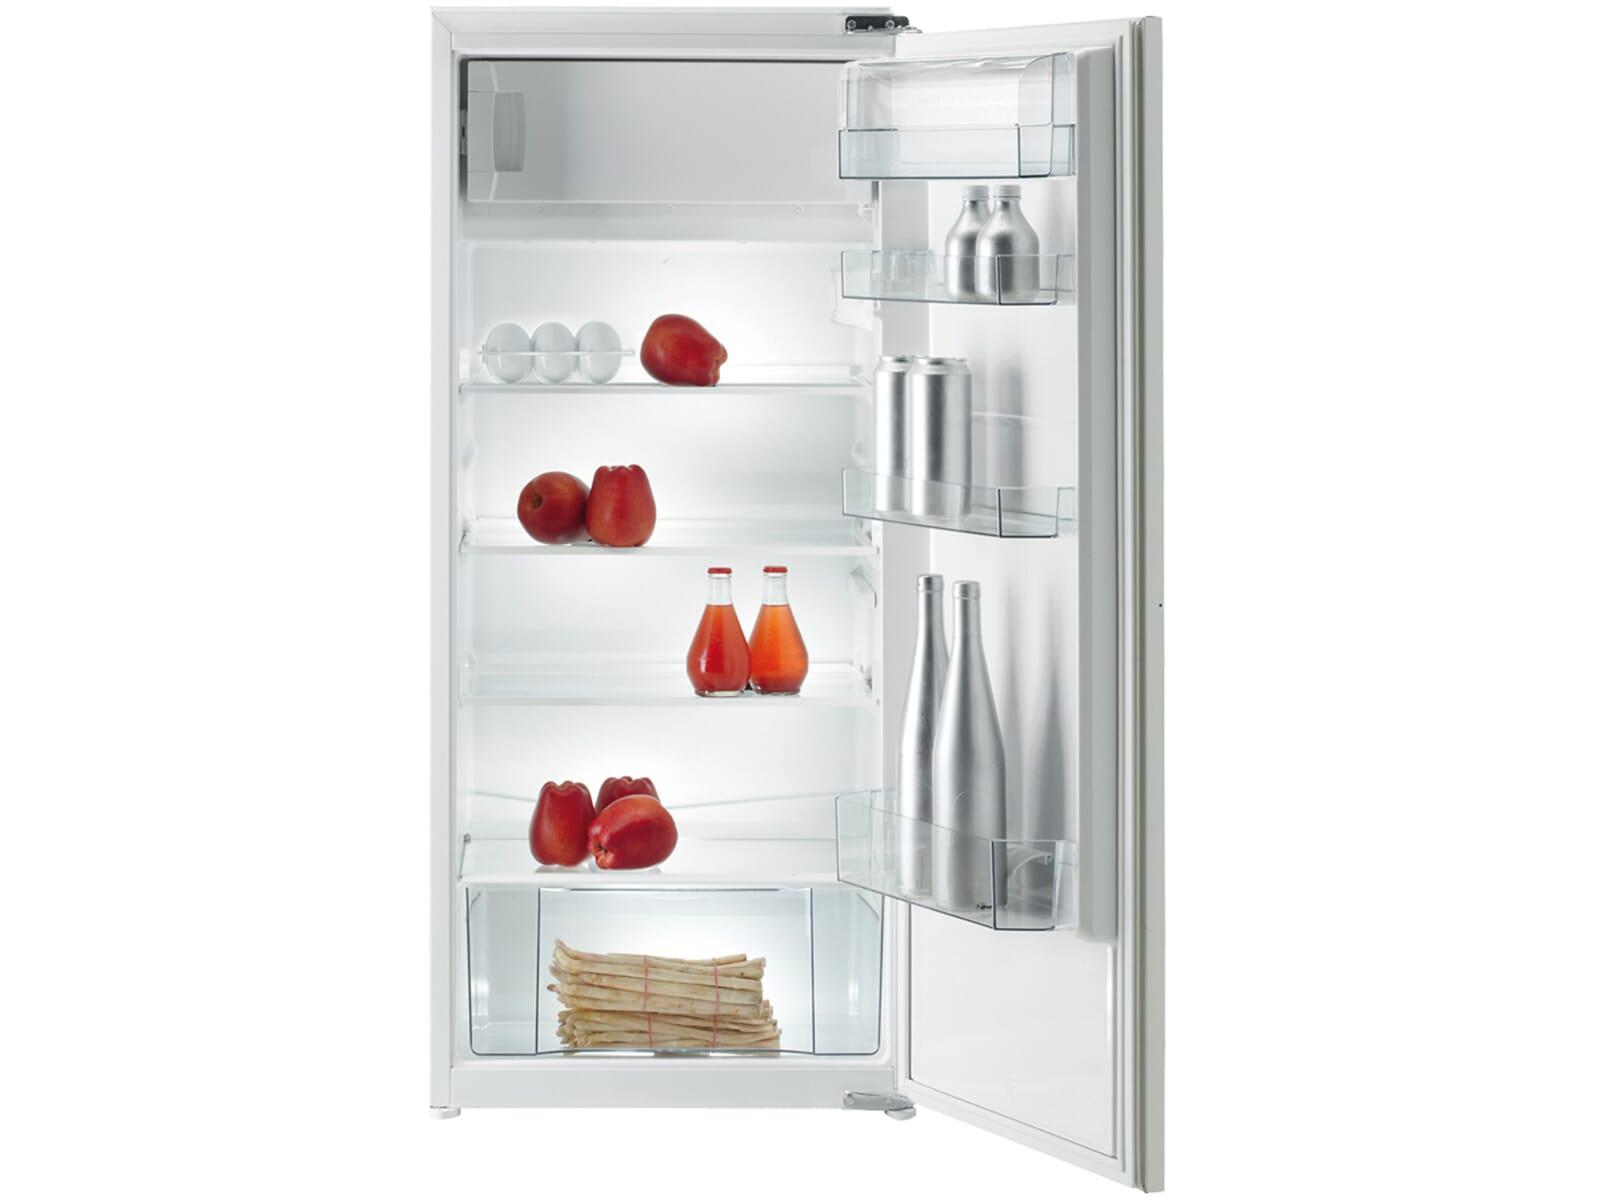 Gorenje Unterbau Kühlschränke : Unterbau kühlschrank mit gefrierfach whirlpool einbaukühlschrank